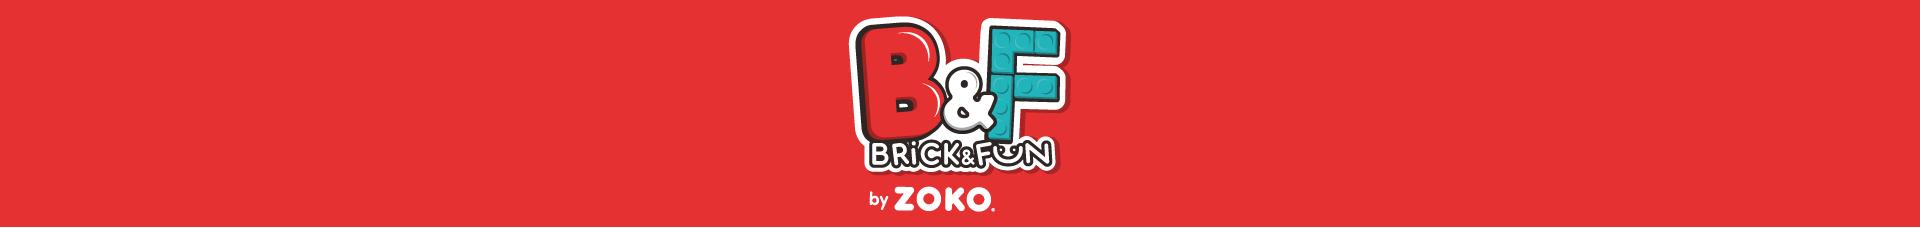 Brick Fun